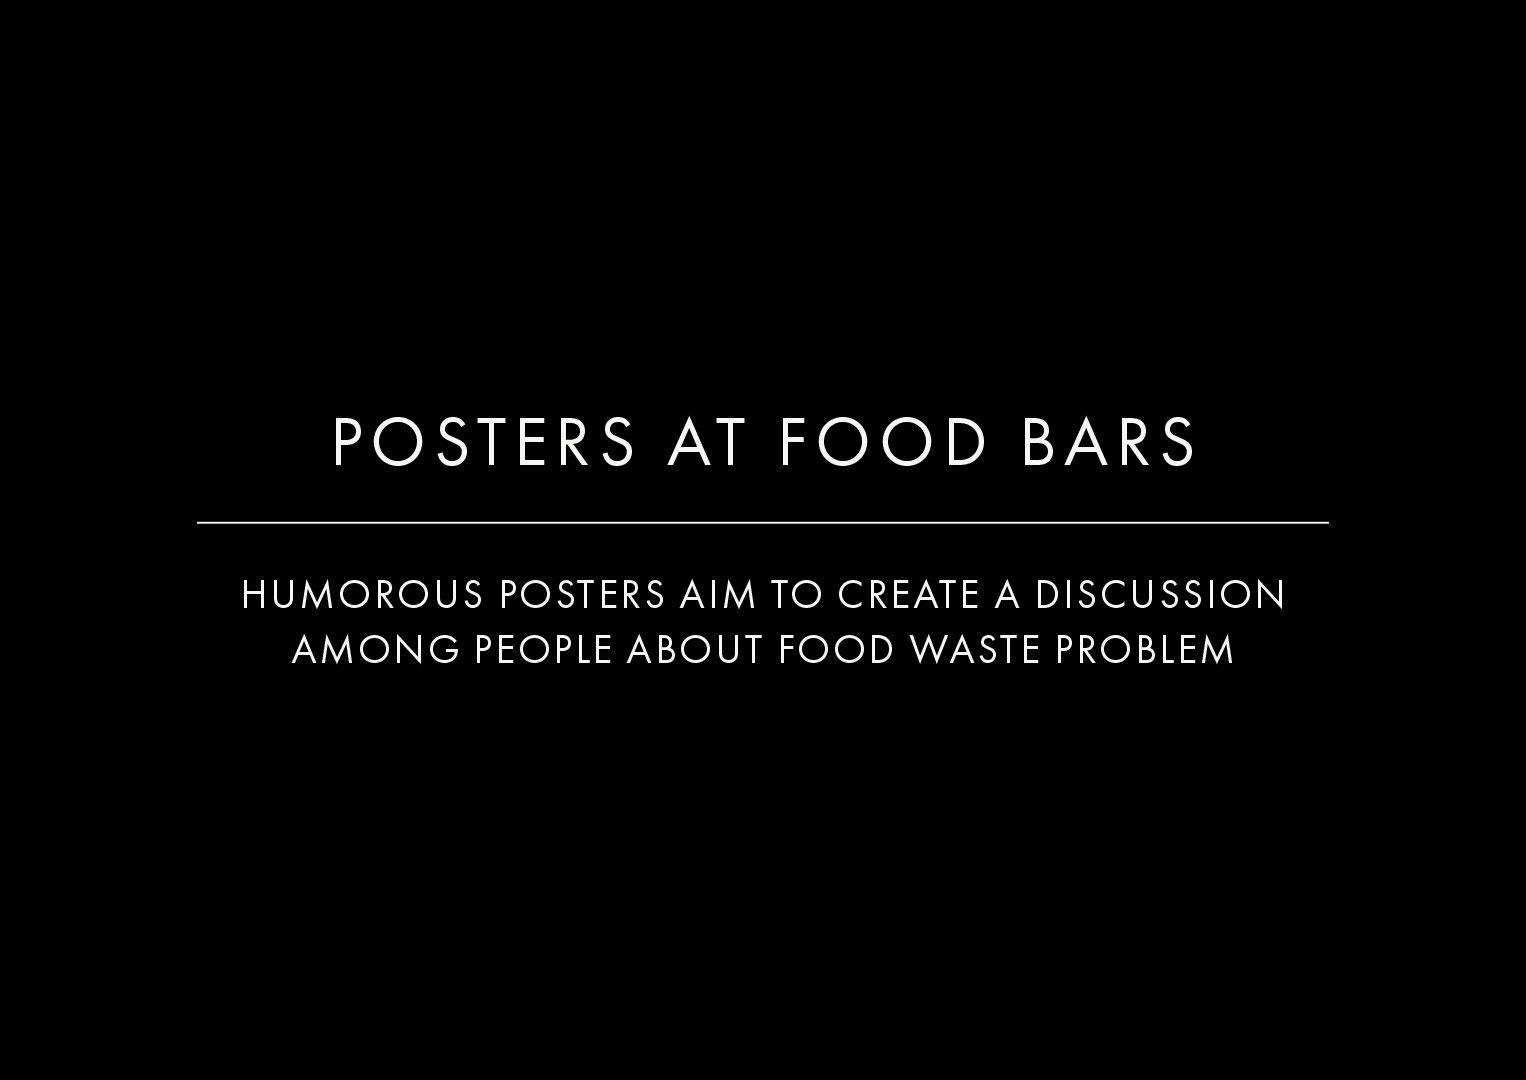 Posters At Food Bars